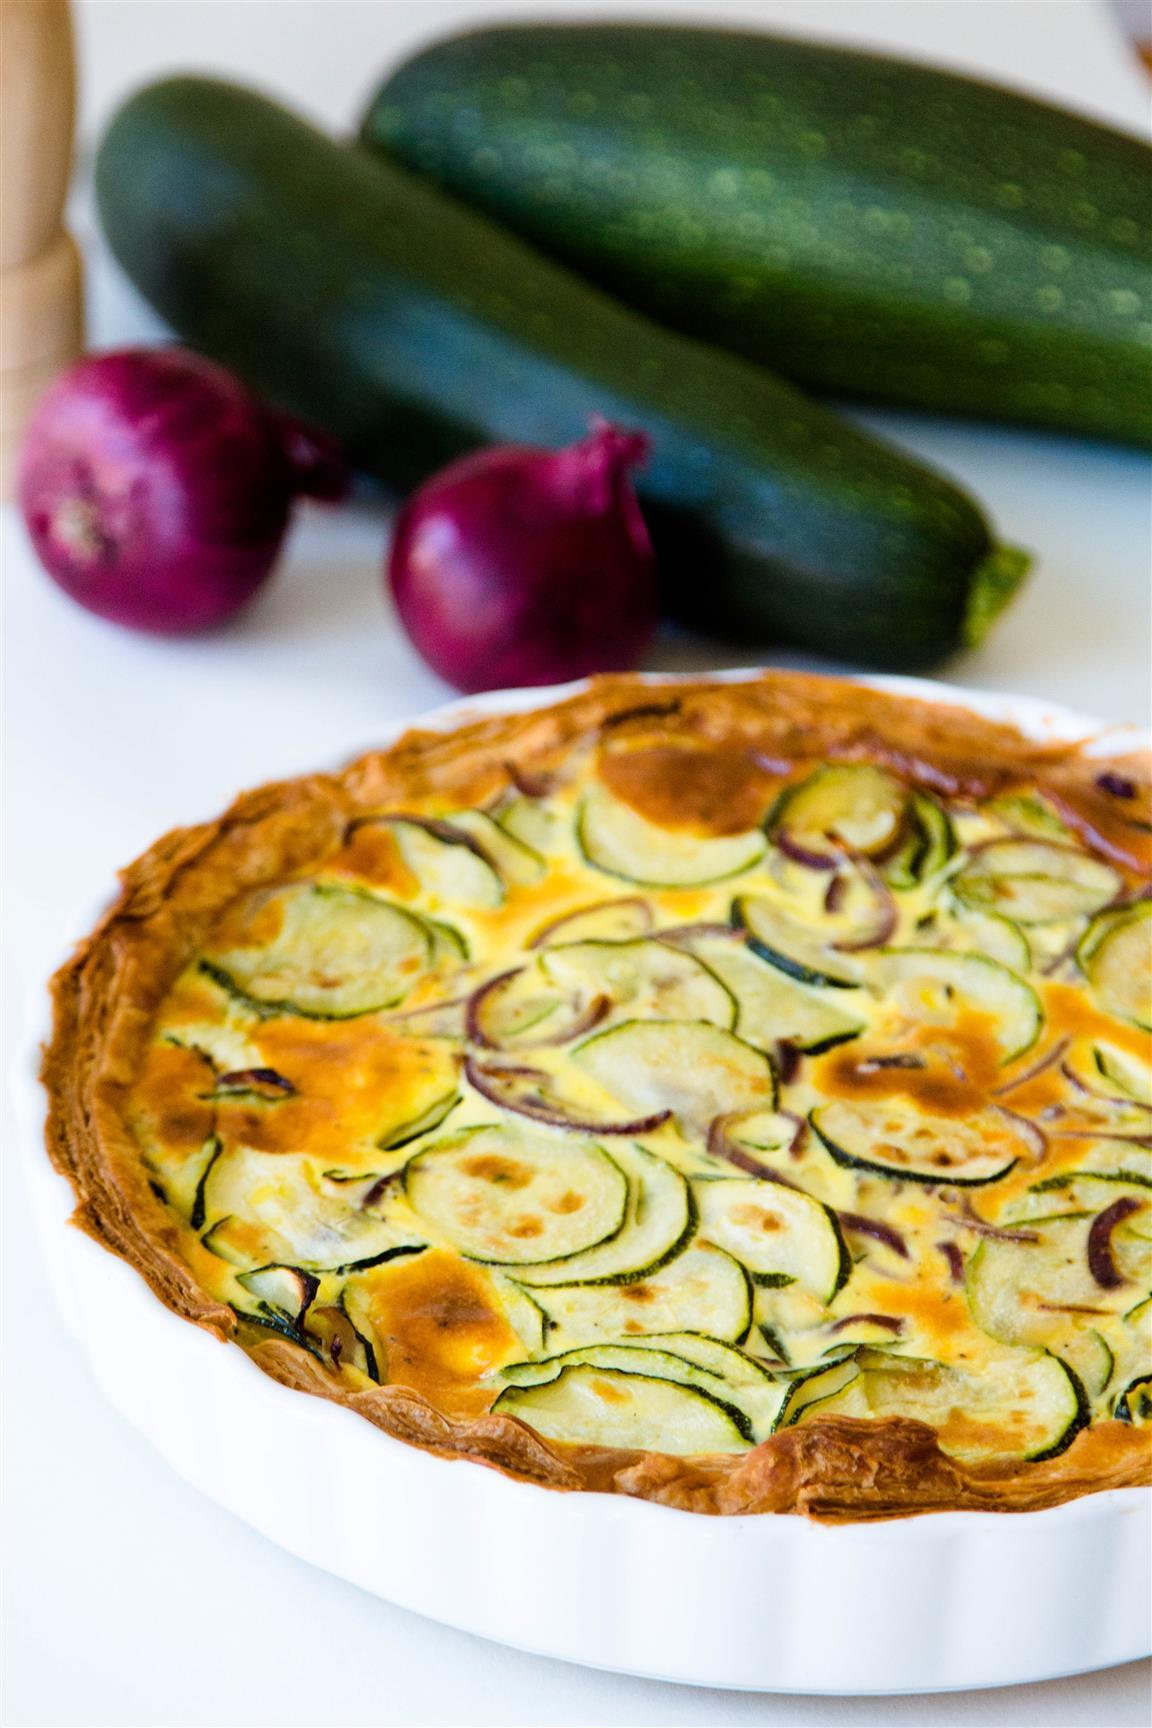 rezept-quiche-mit-zucchini-zwiebeln-ei-creme-fraiche-04-1